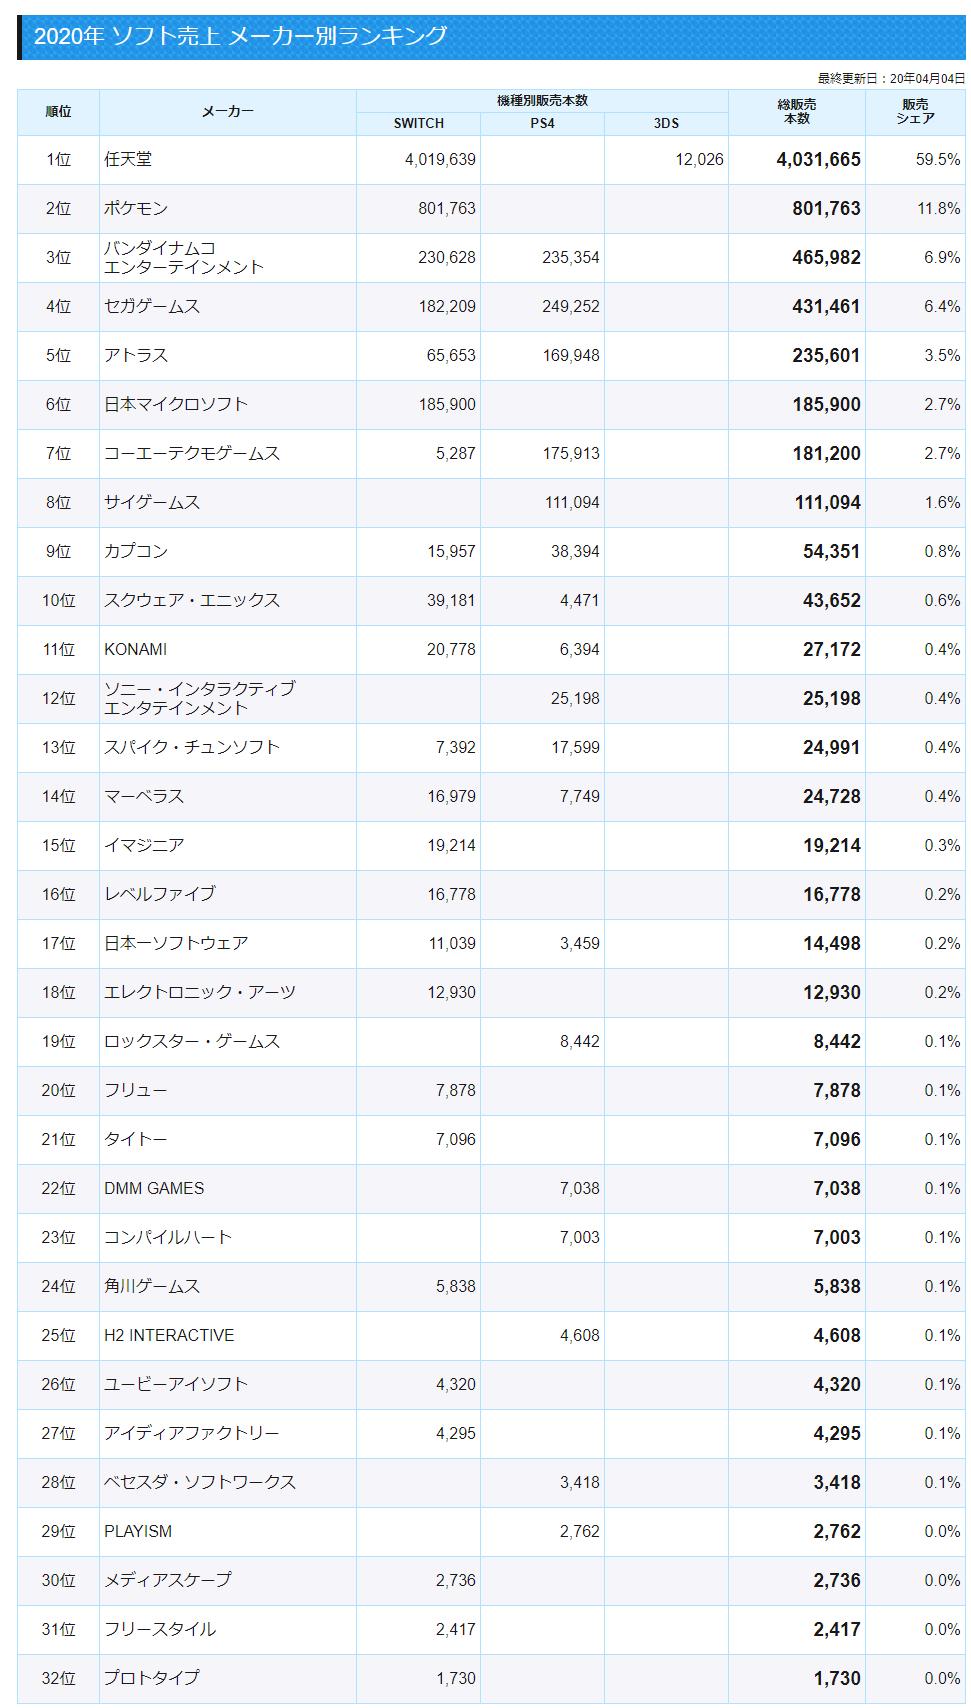 12 - 【悲報】世界のゲーム会社売上ランキグンのアレ、最新版が公開